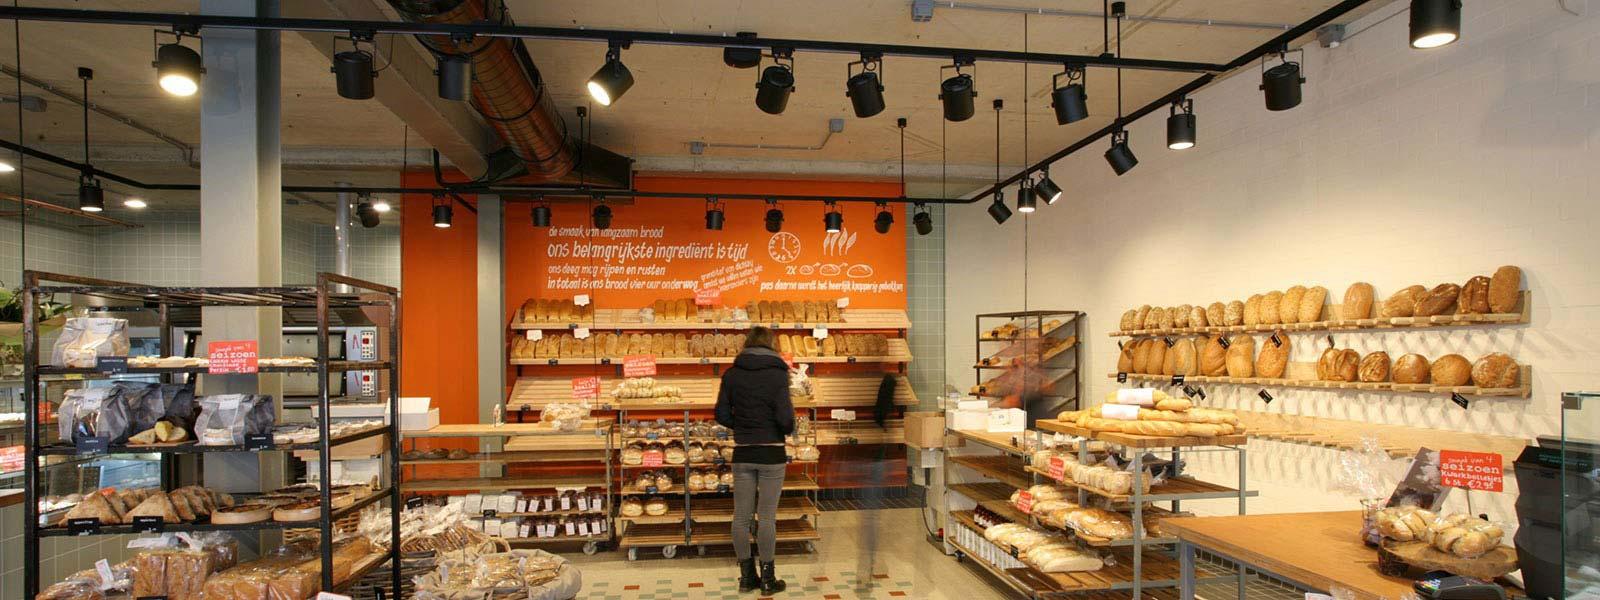 Bakkerij van Heeswijk, Valkenswaard